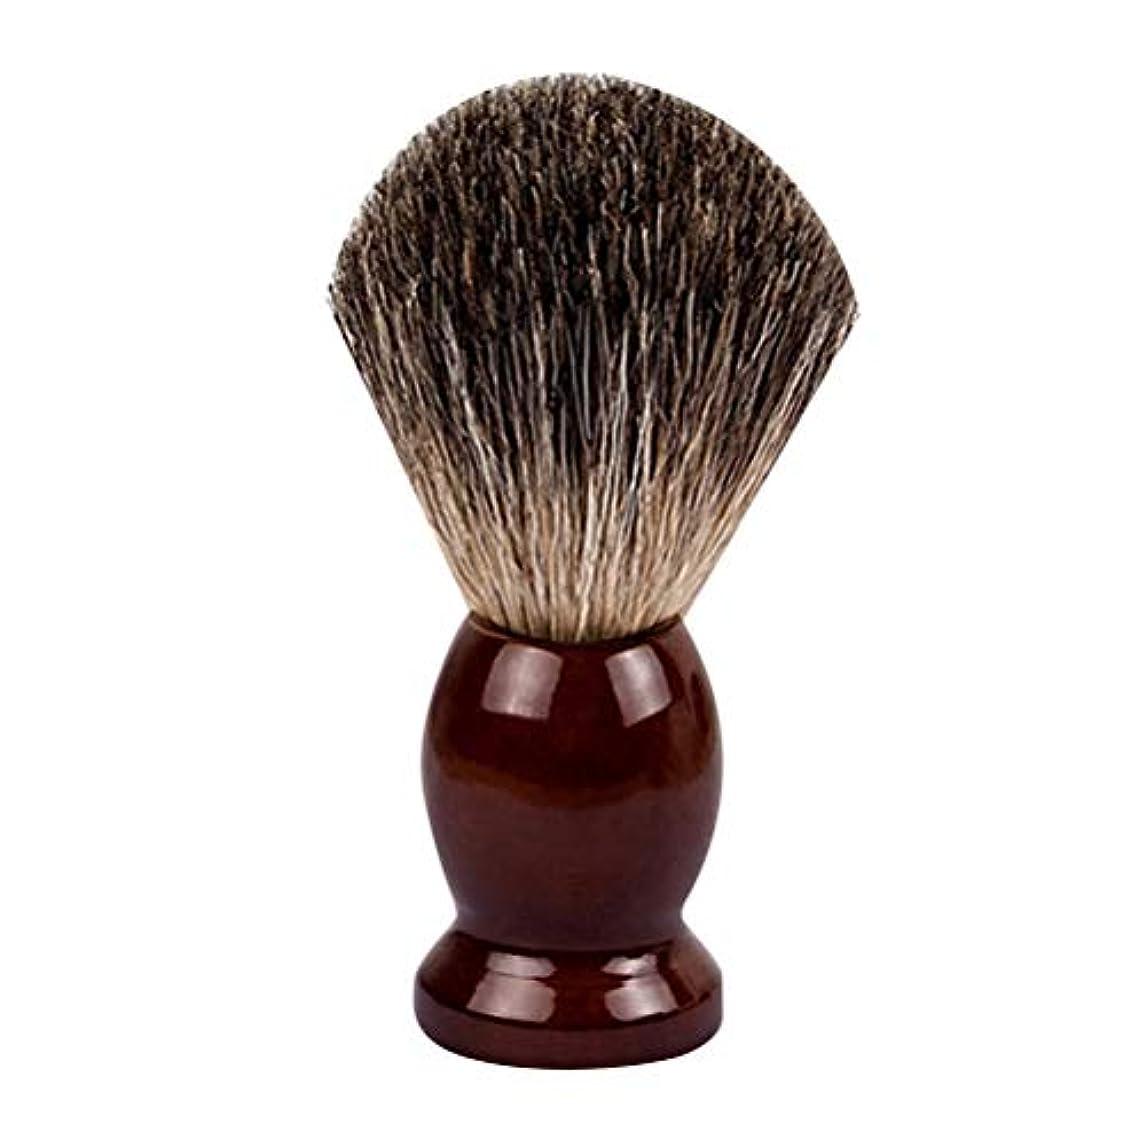 コロニアル人生を作る塗抹Lurrose ひげ ブラシ シェービング ブラシ ウッドハンドル ヘア サロンツール 男性用